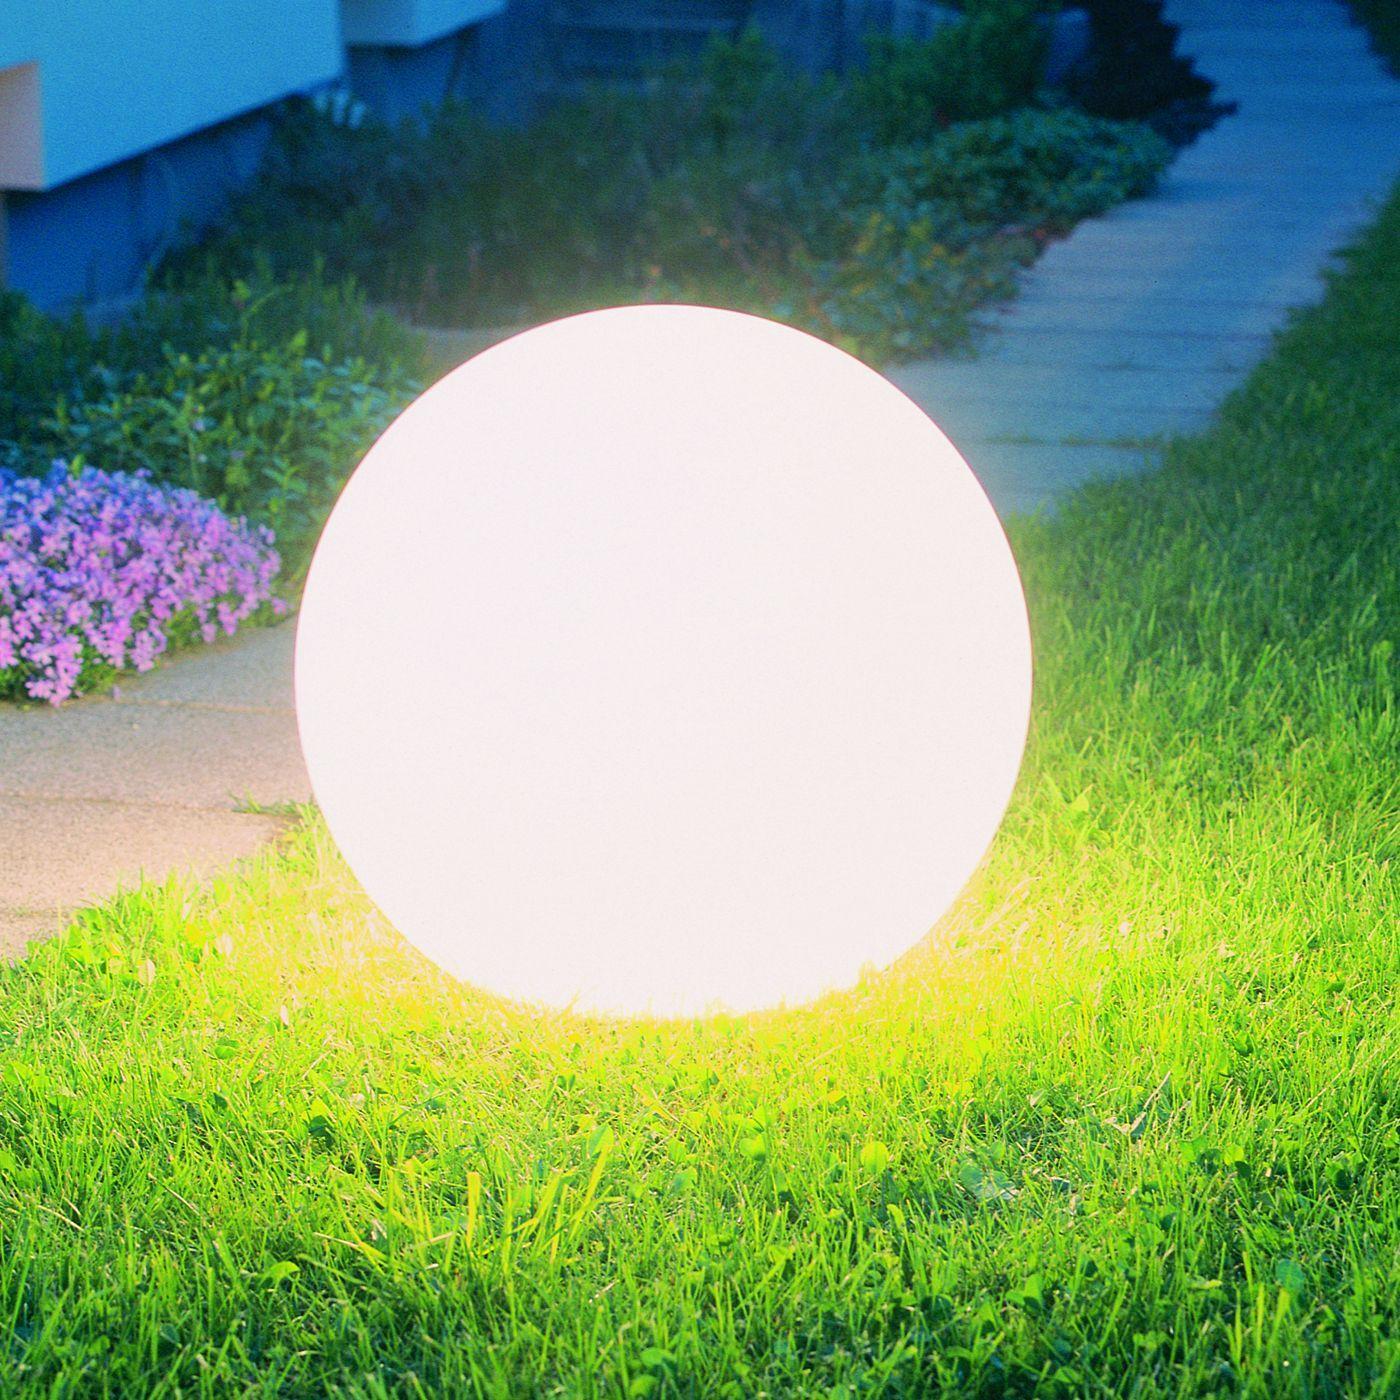 Full Size of Kugelleuchte Garten Moonlight Mbg 750 Mit Sockel Zum Eingraben Bewässerung Lounge Möbel Klappstuhl Liege Schaukel Für Zaun Sonnensegel Stapelstühle Garten Kugelleuchte Garten